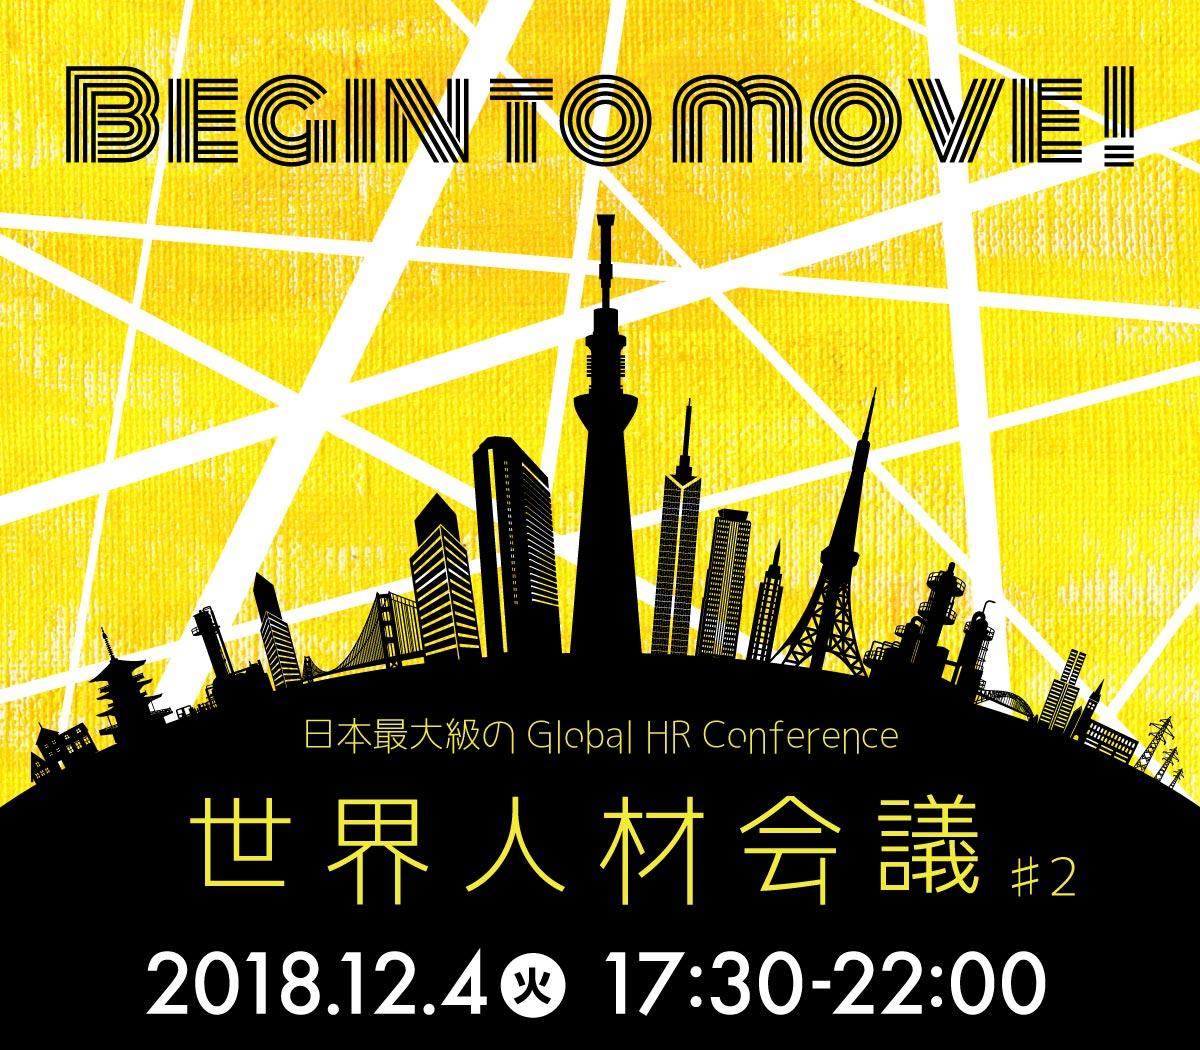 2018-12-4 世界人材会議♯2【日本最大級のGlobal HR Conference】に志水がパネリストとして登壇